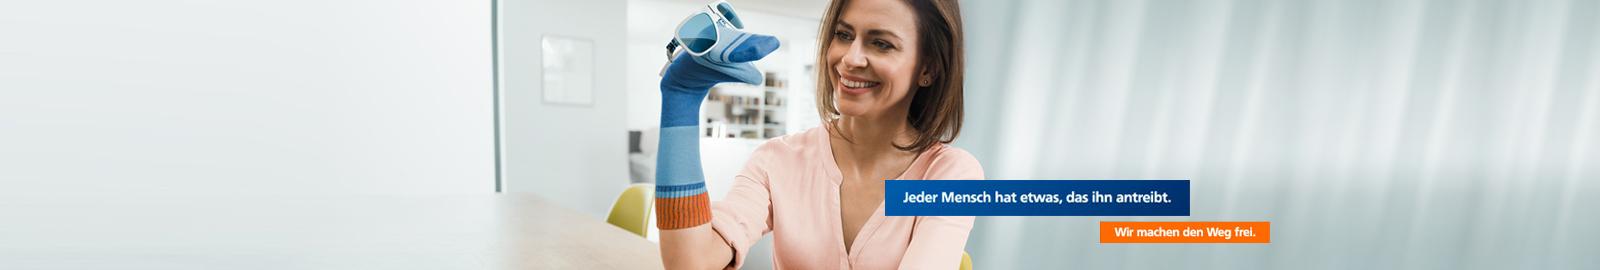 Frau mit Socke als Handpuppe